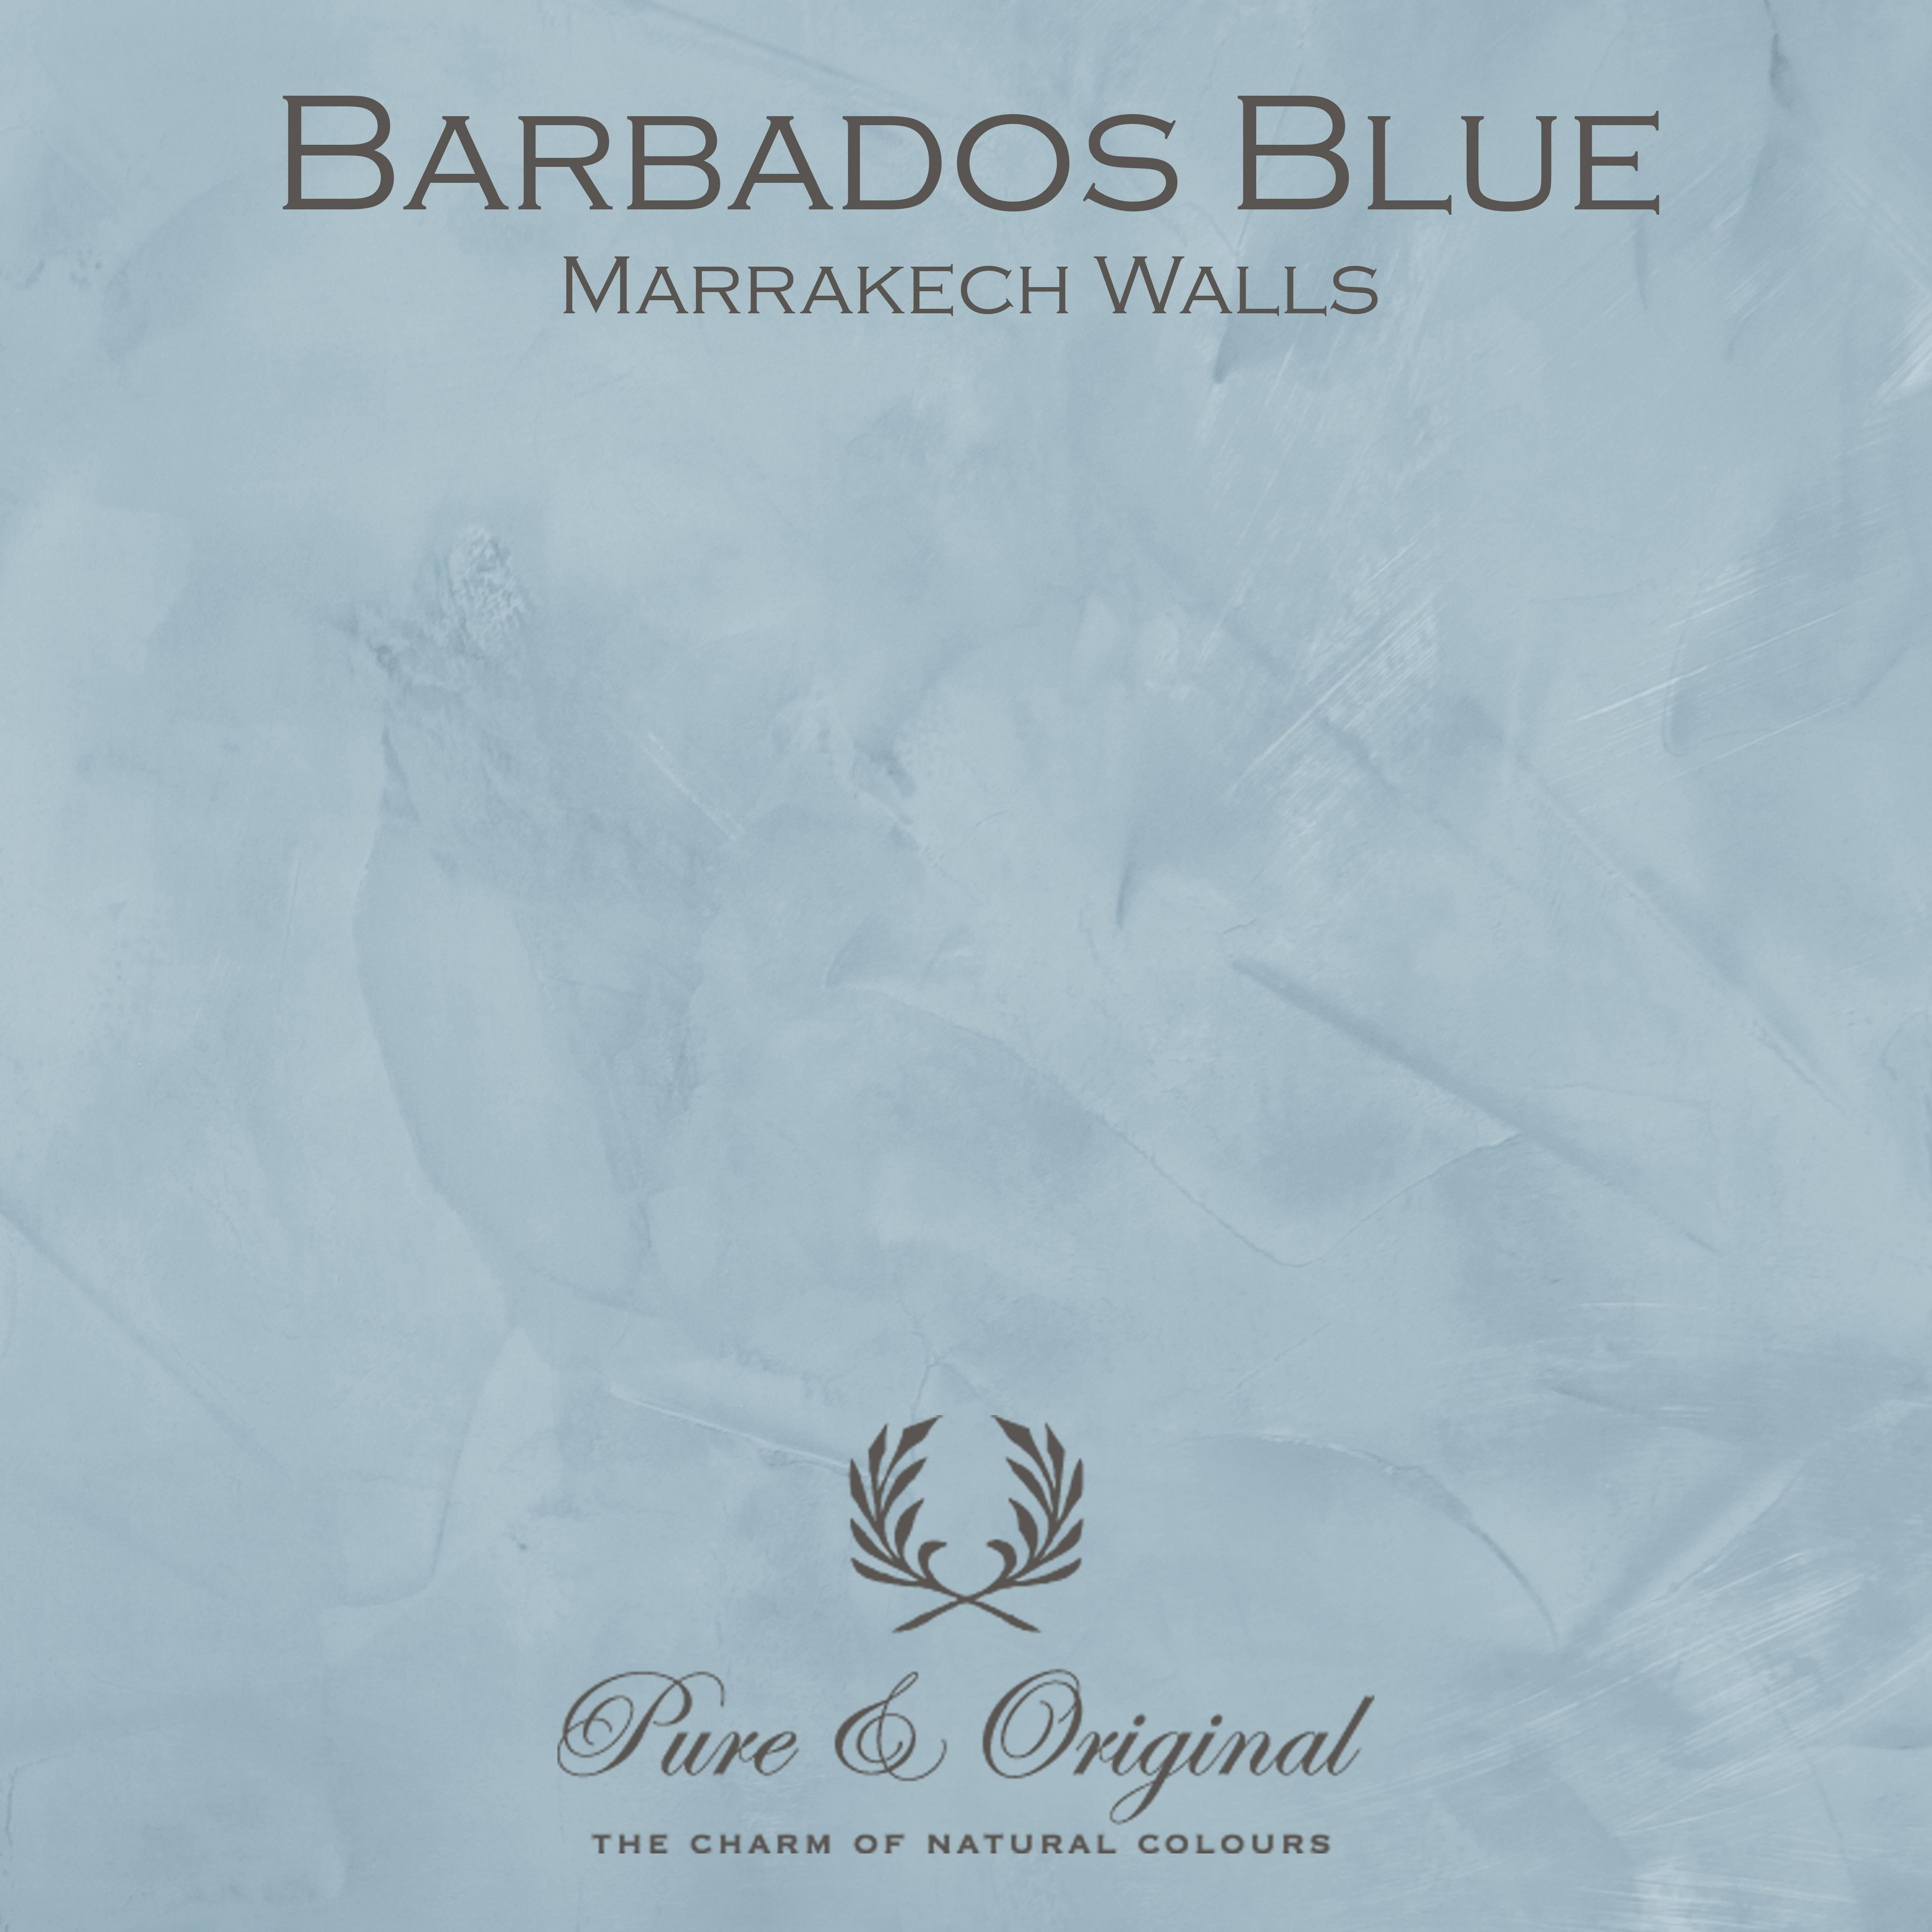 Kulör Barbados Blue, Marrakech Walls  kalkfärg